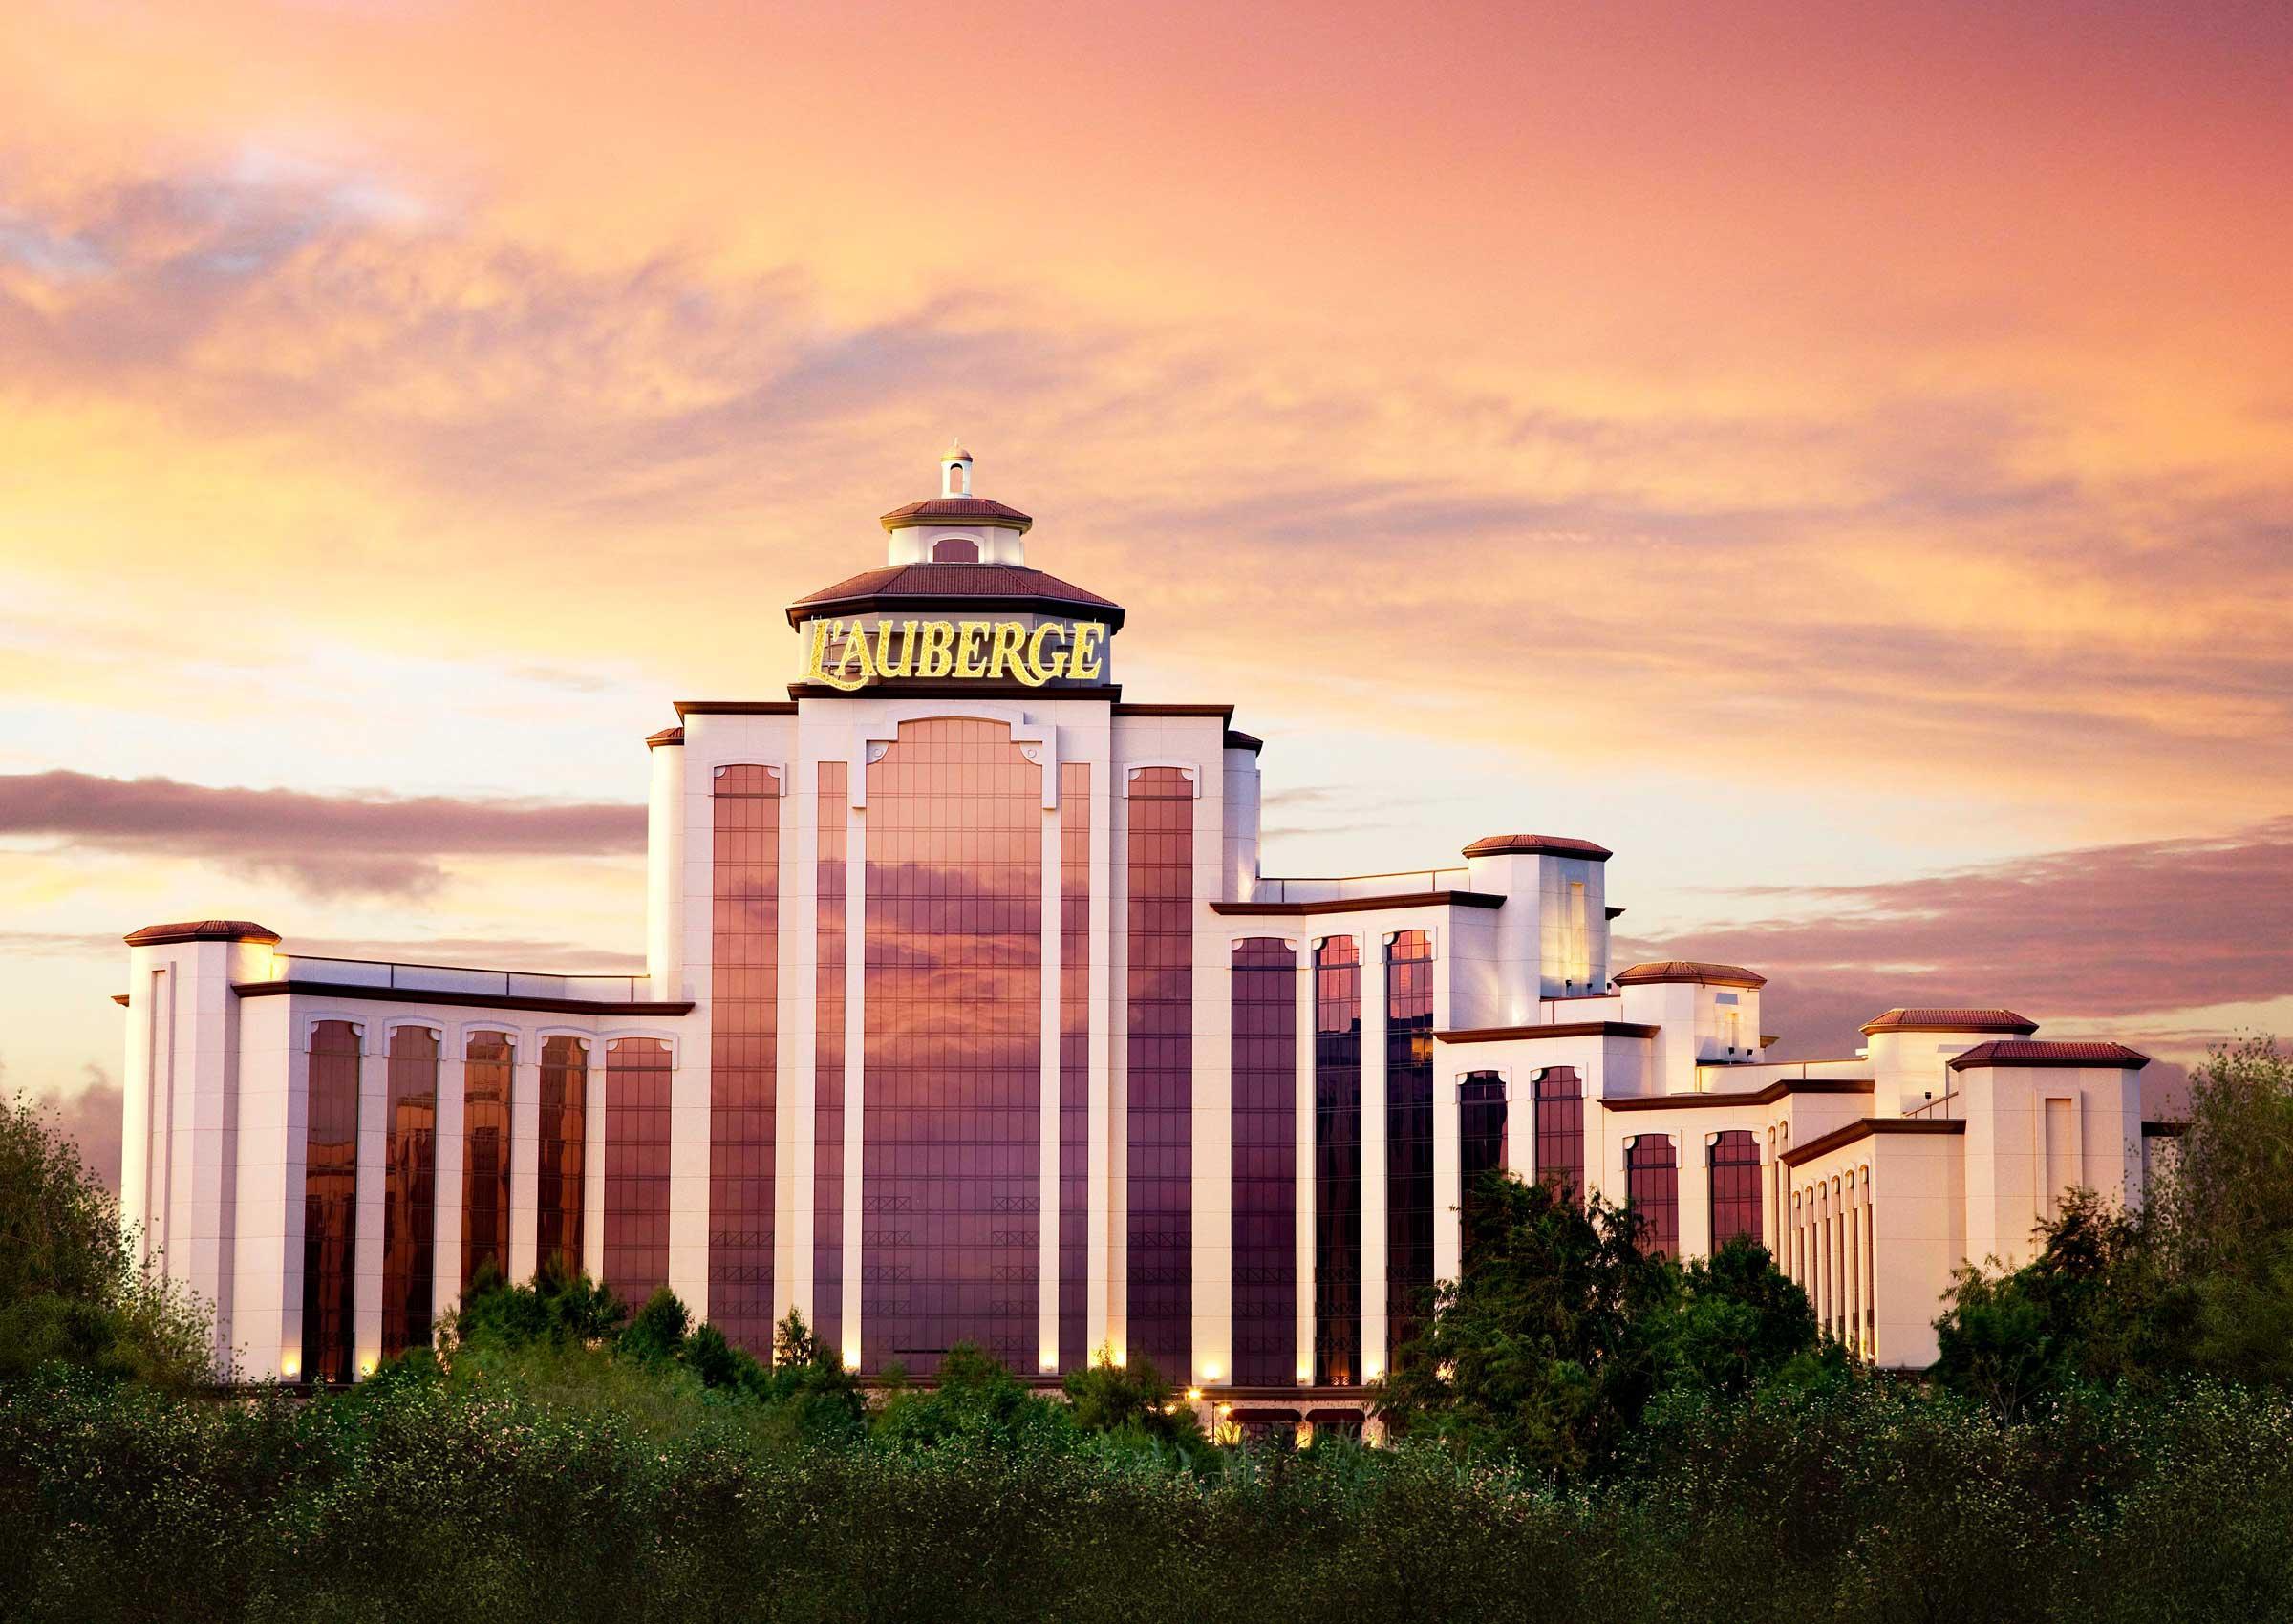 L'auberge du lac casino spa